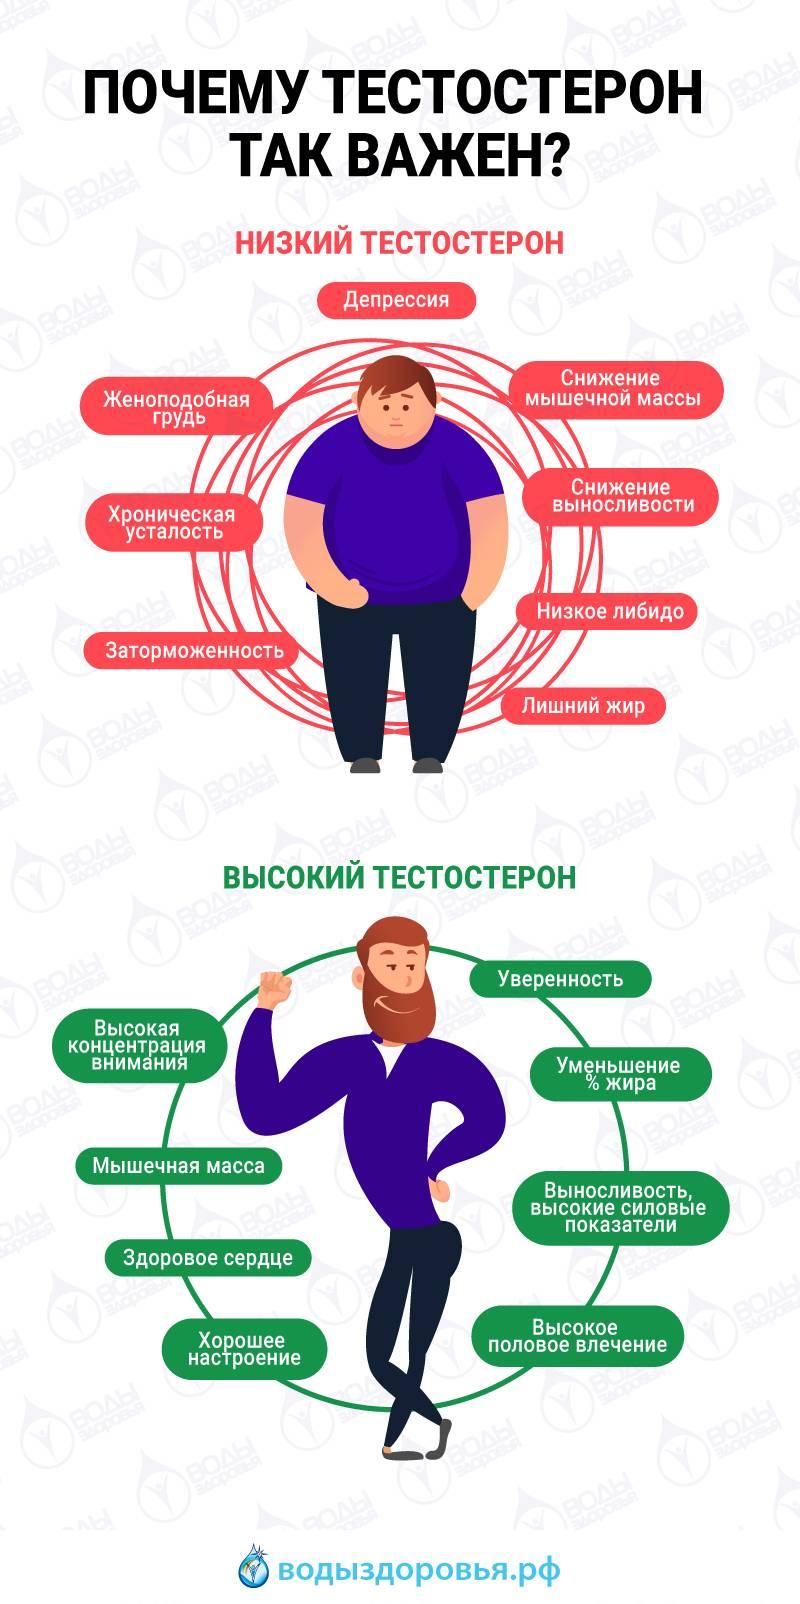 Как повысить тестостерон у мужчин, эффективные способы